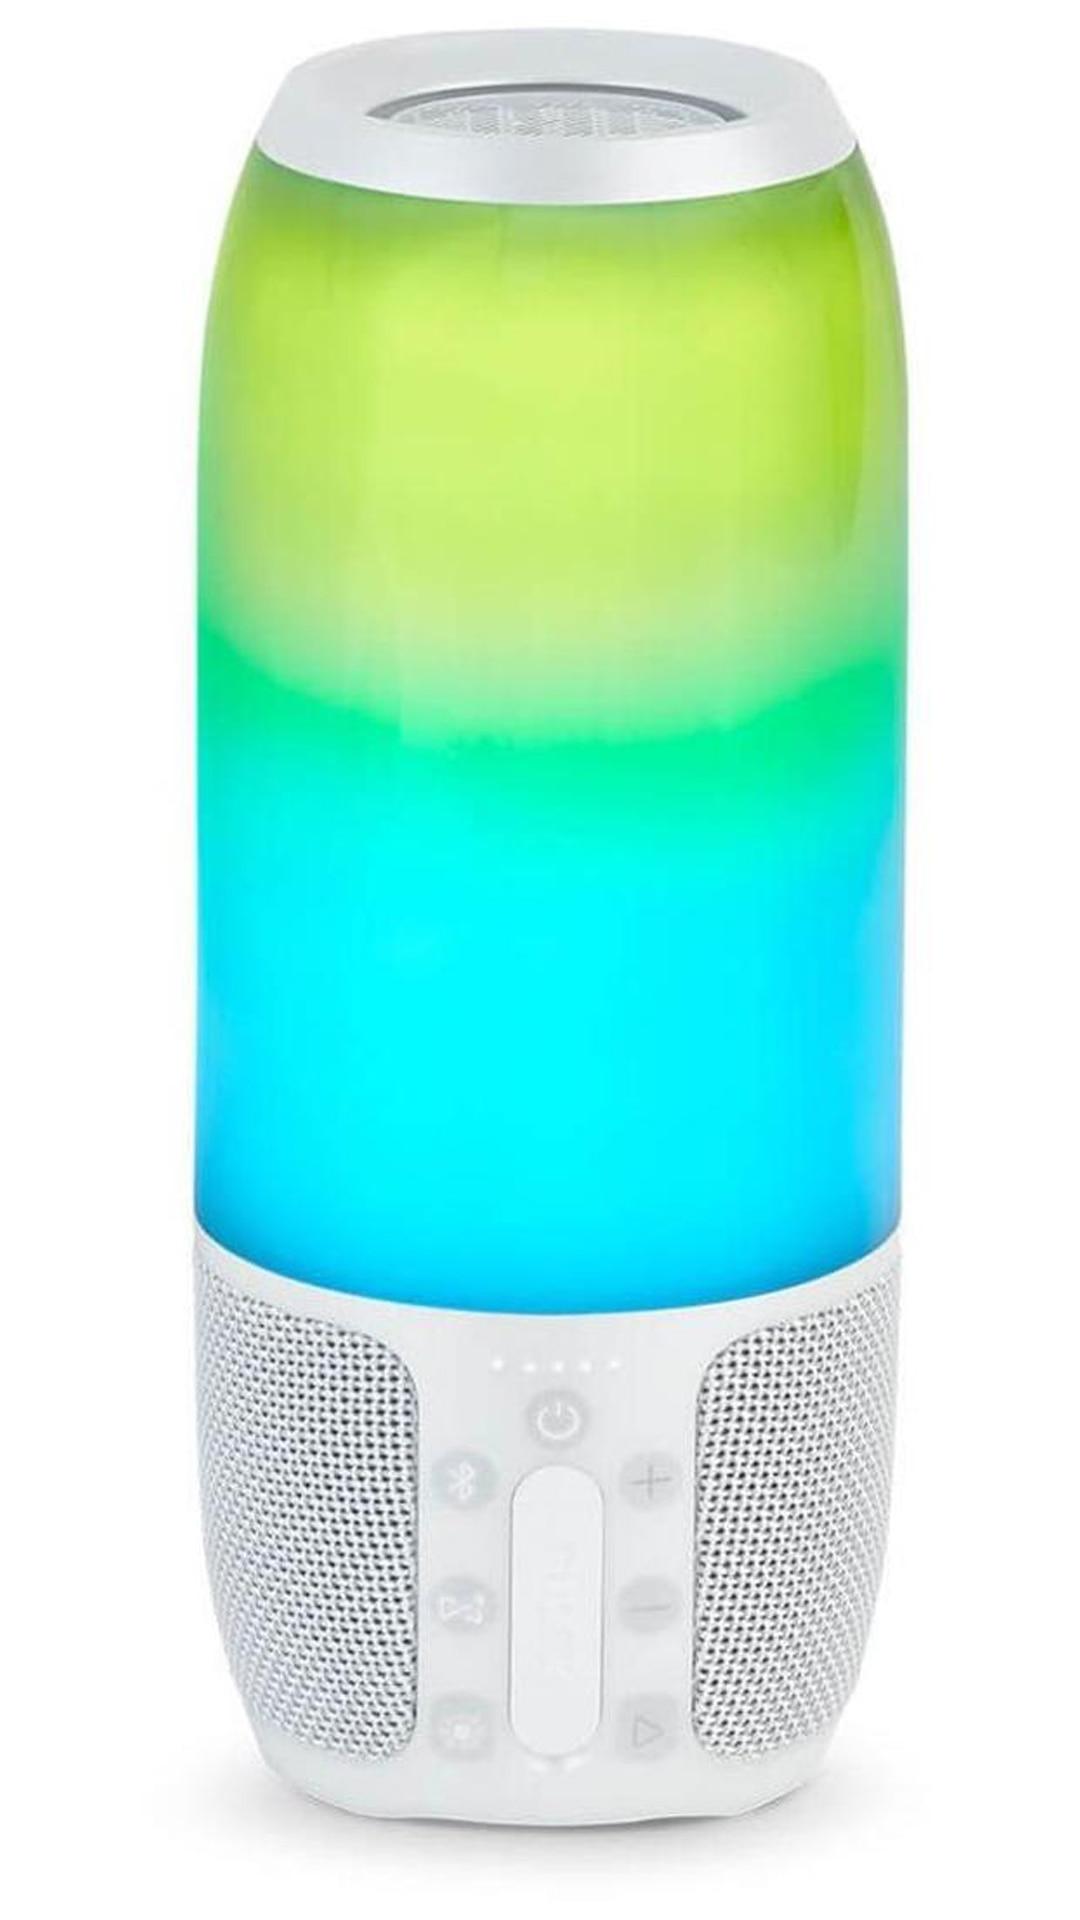 JBL Pulse 3 Wireless Bluetooth IPX7 Waterproof Speaker (White)